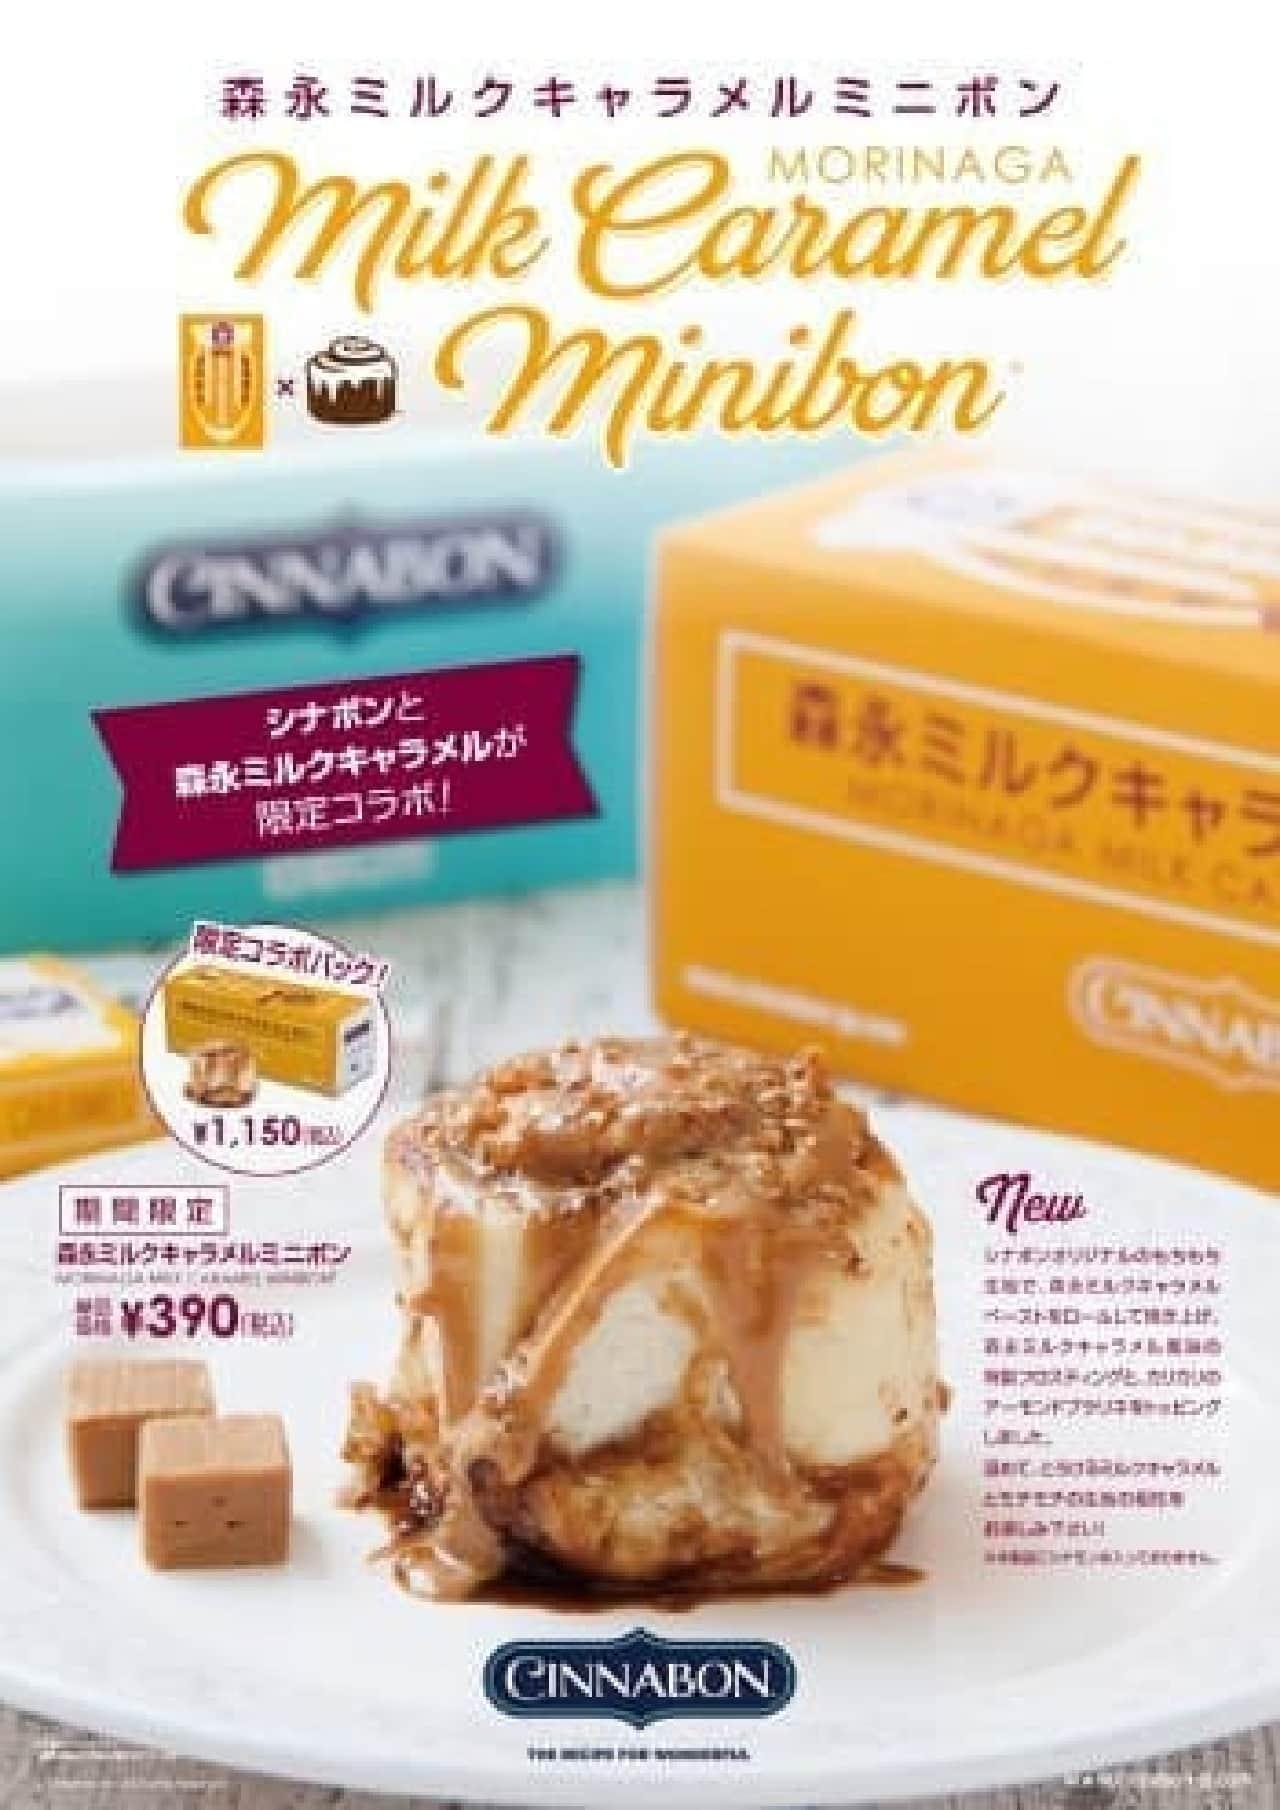 Cinnabon「森永 ミルクキャラメルミニボン」